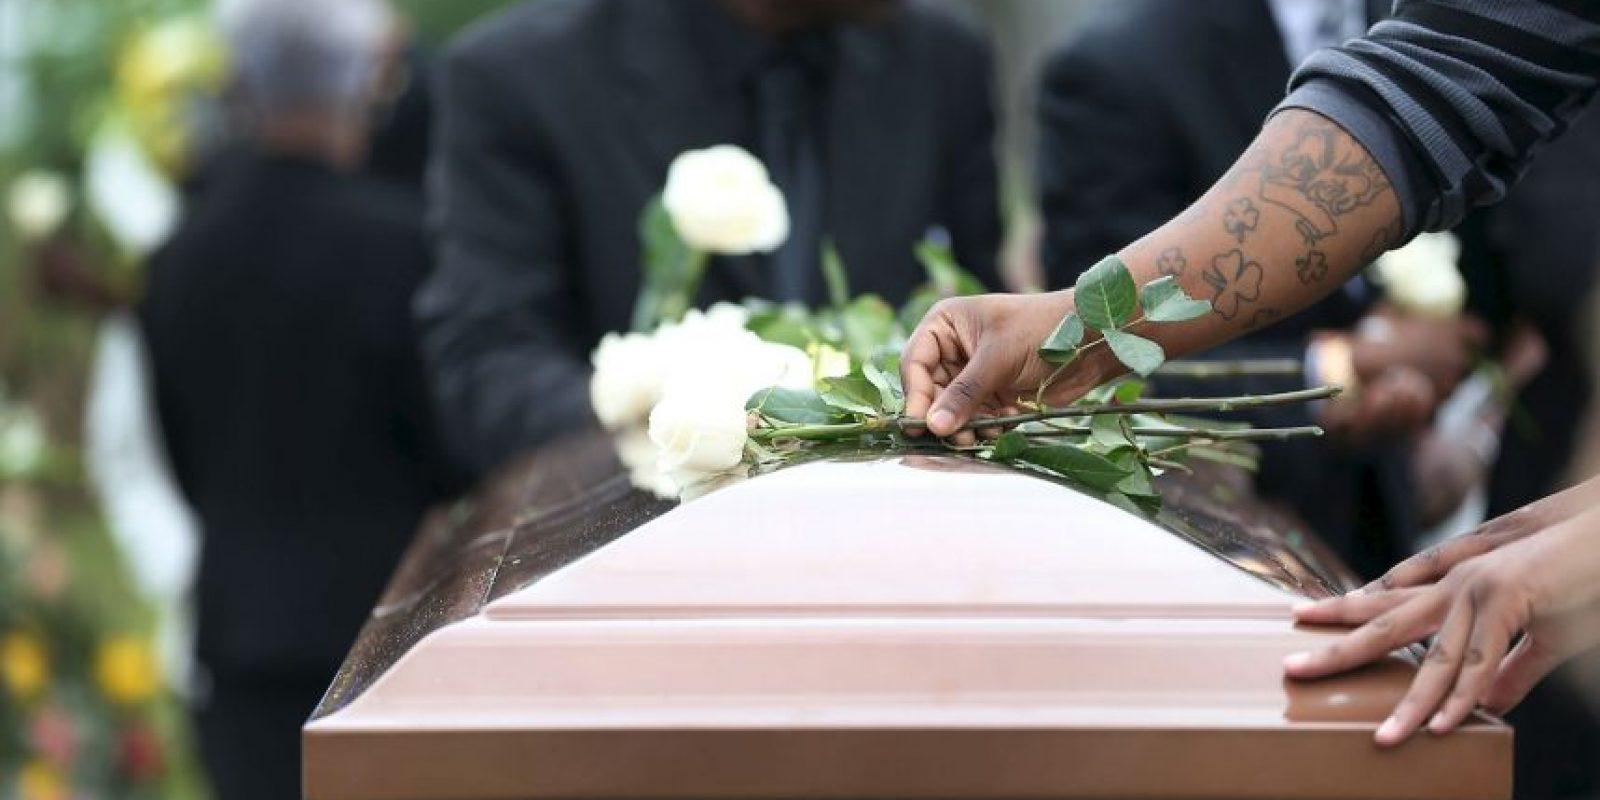 La madre de Neysi Pérez culpa a los doctores de no haber descubierto que su hija estaba aún con vida. Foto:Getty Images